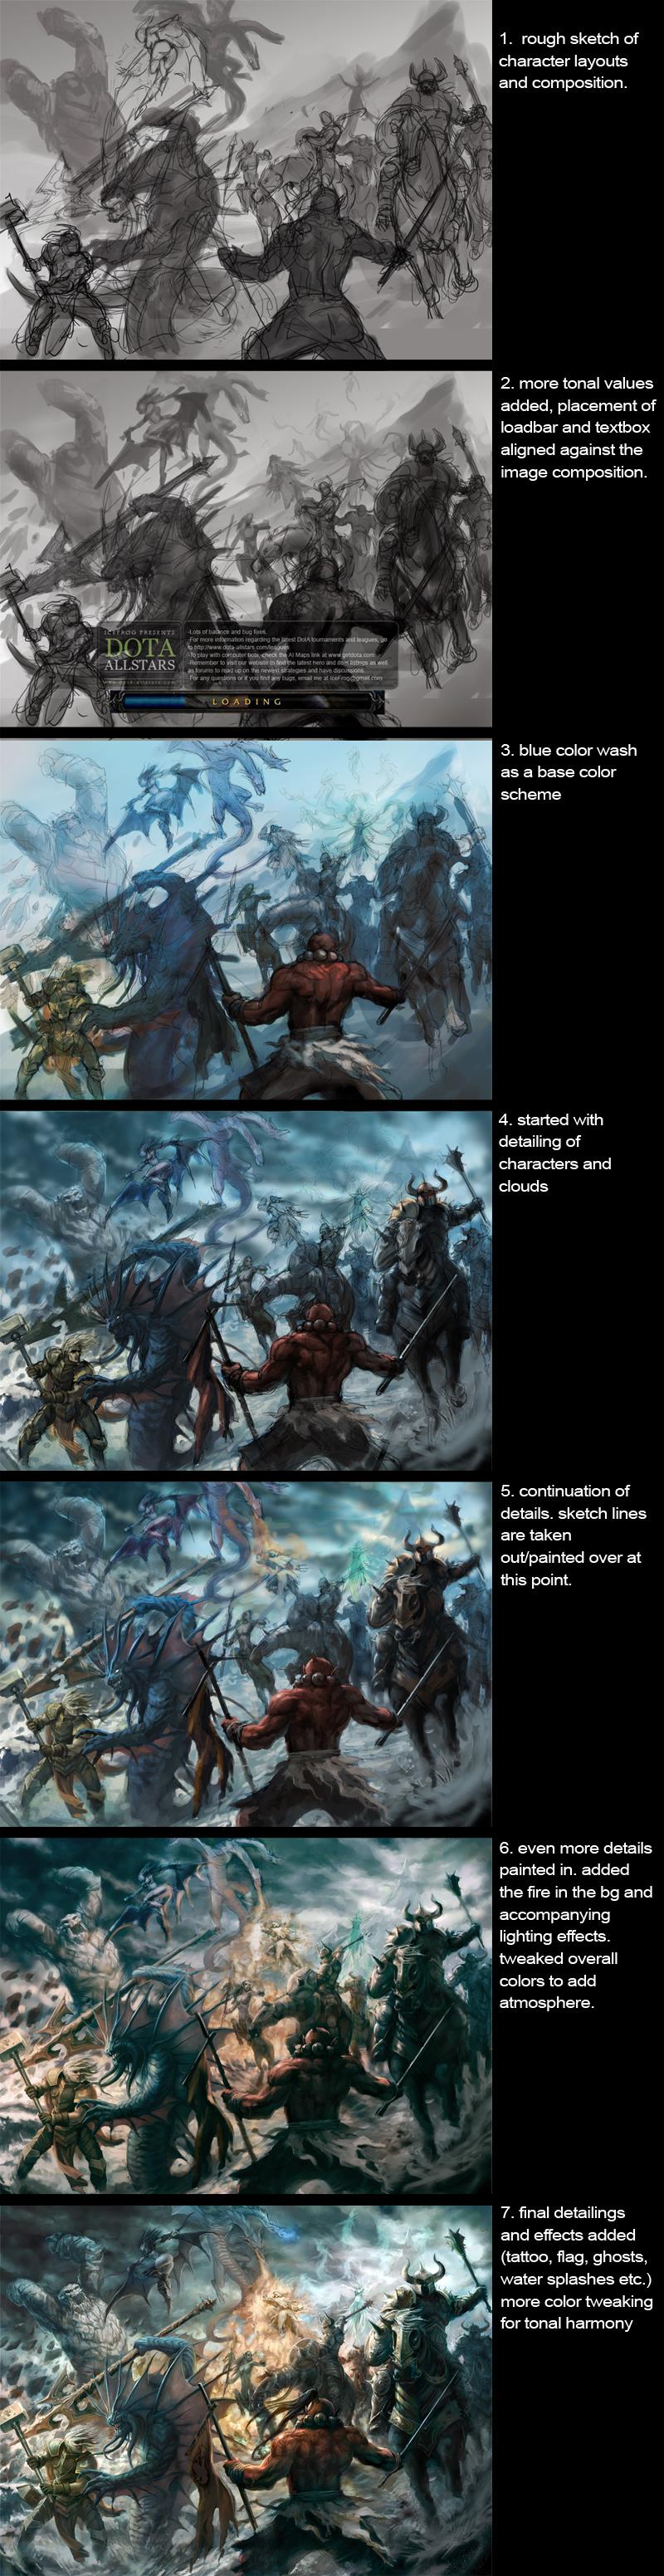 Картинки героев доты